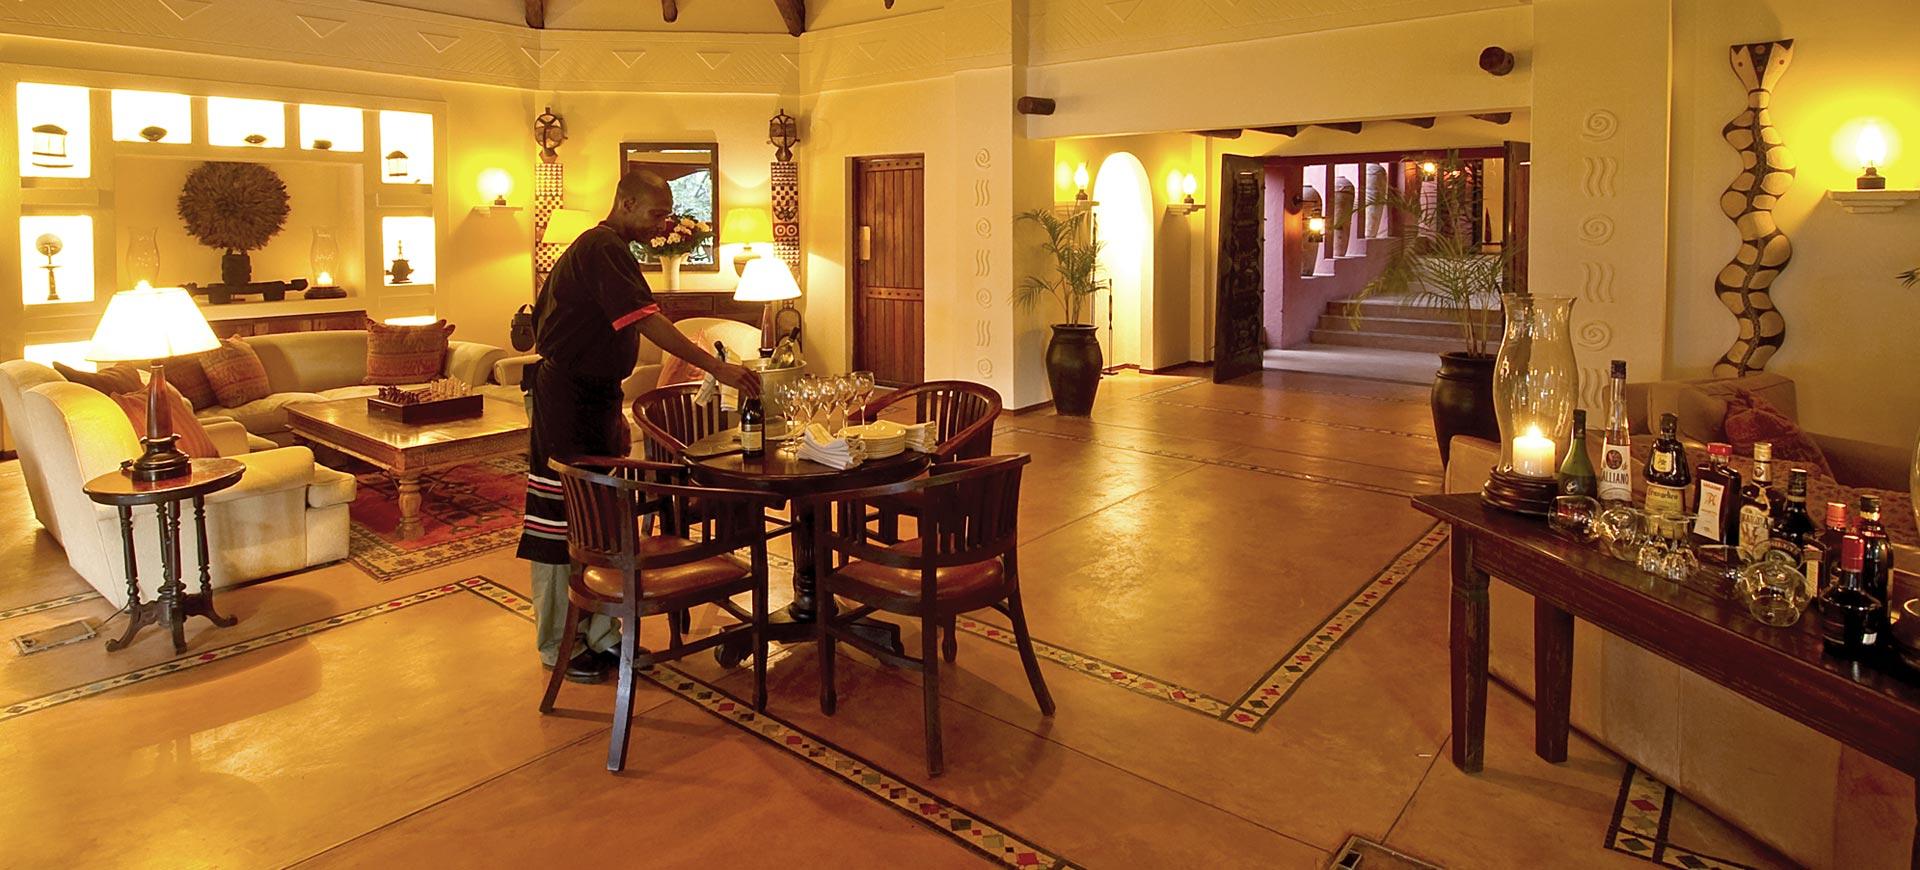 Chobe Chilwero Hotel